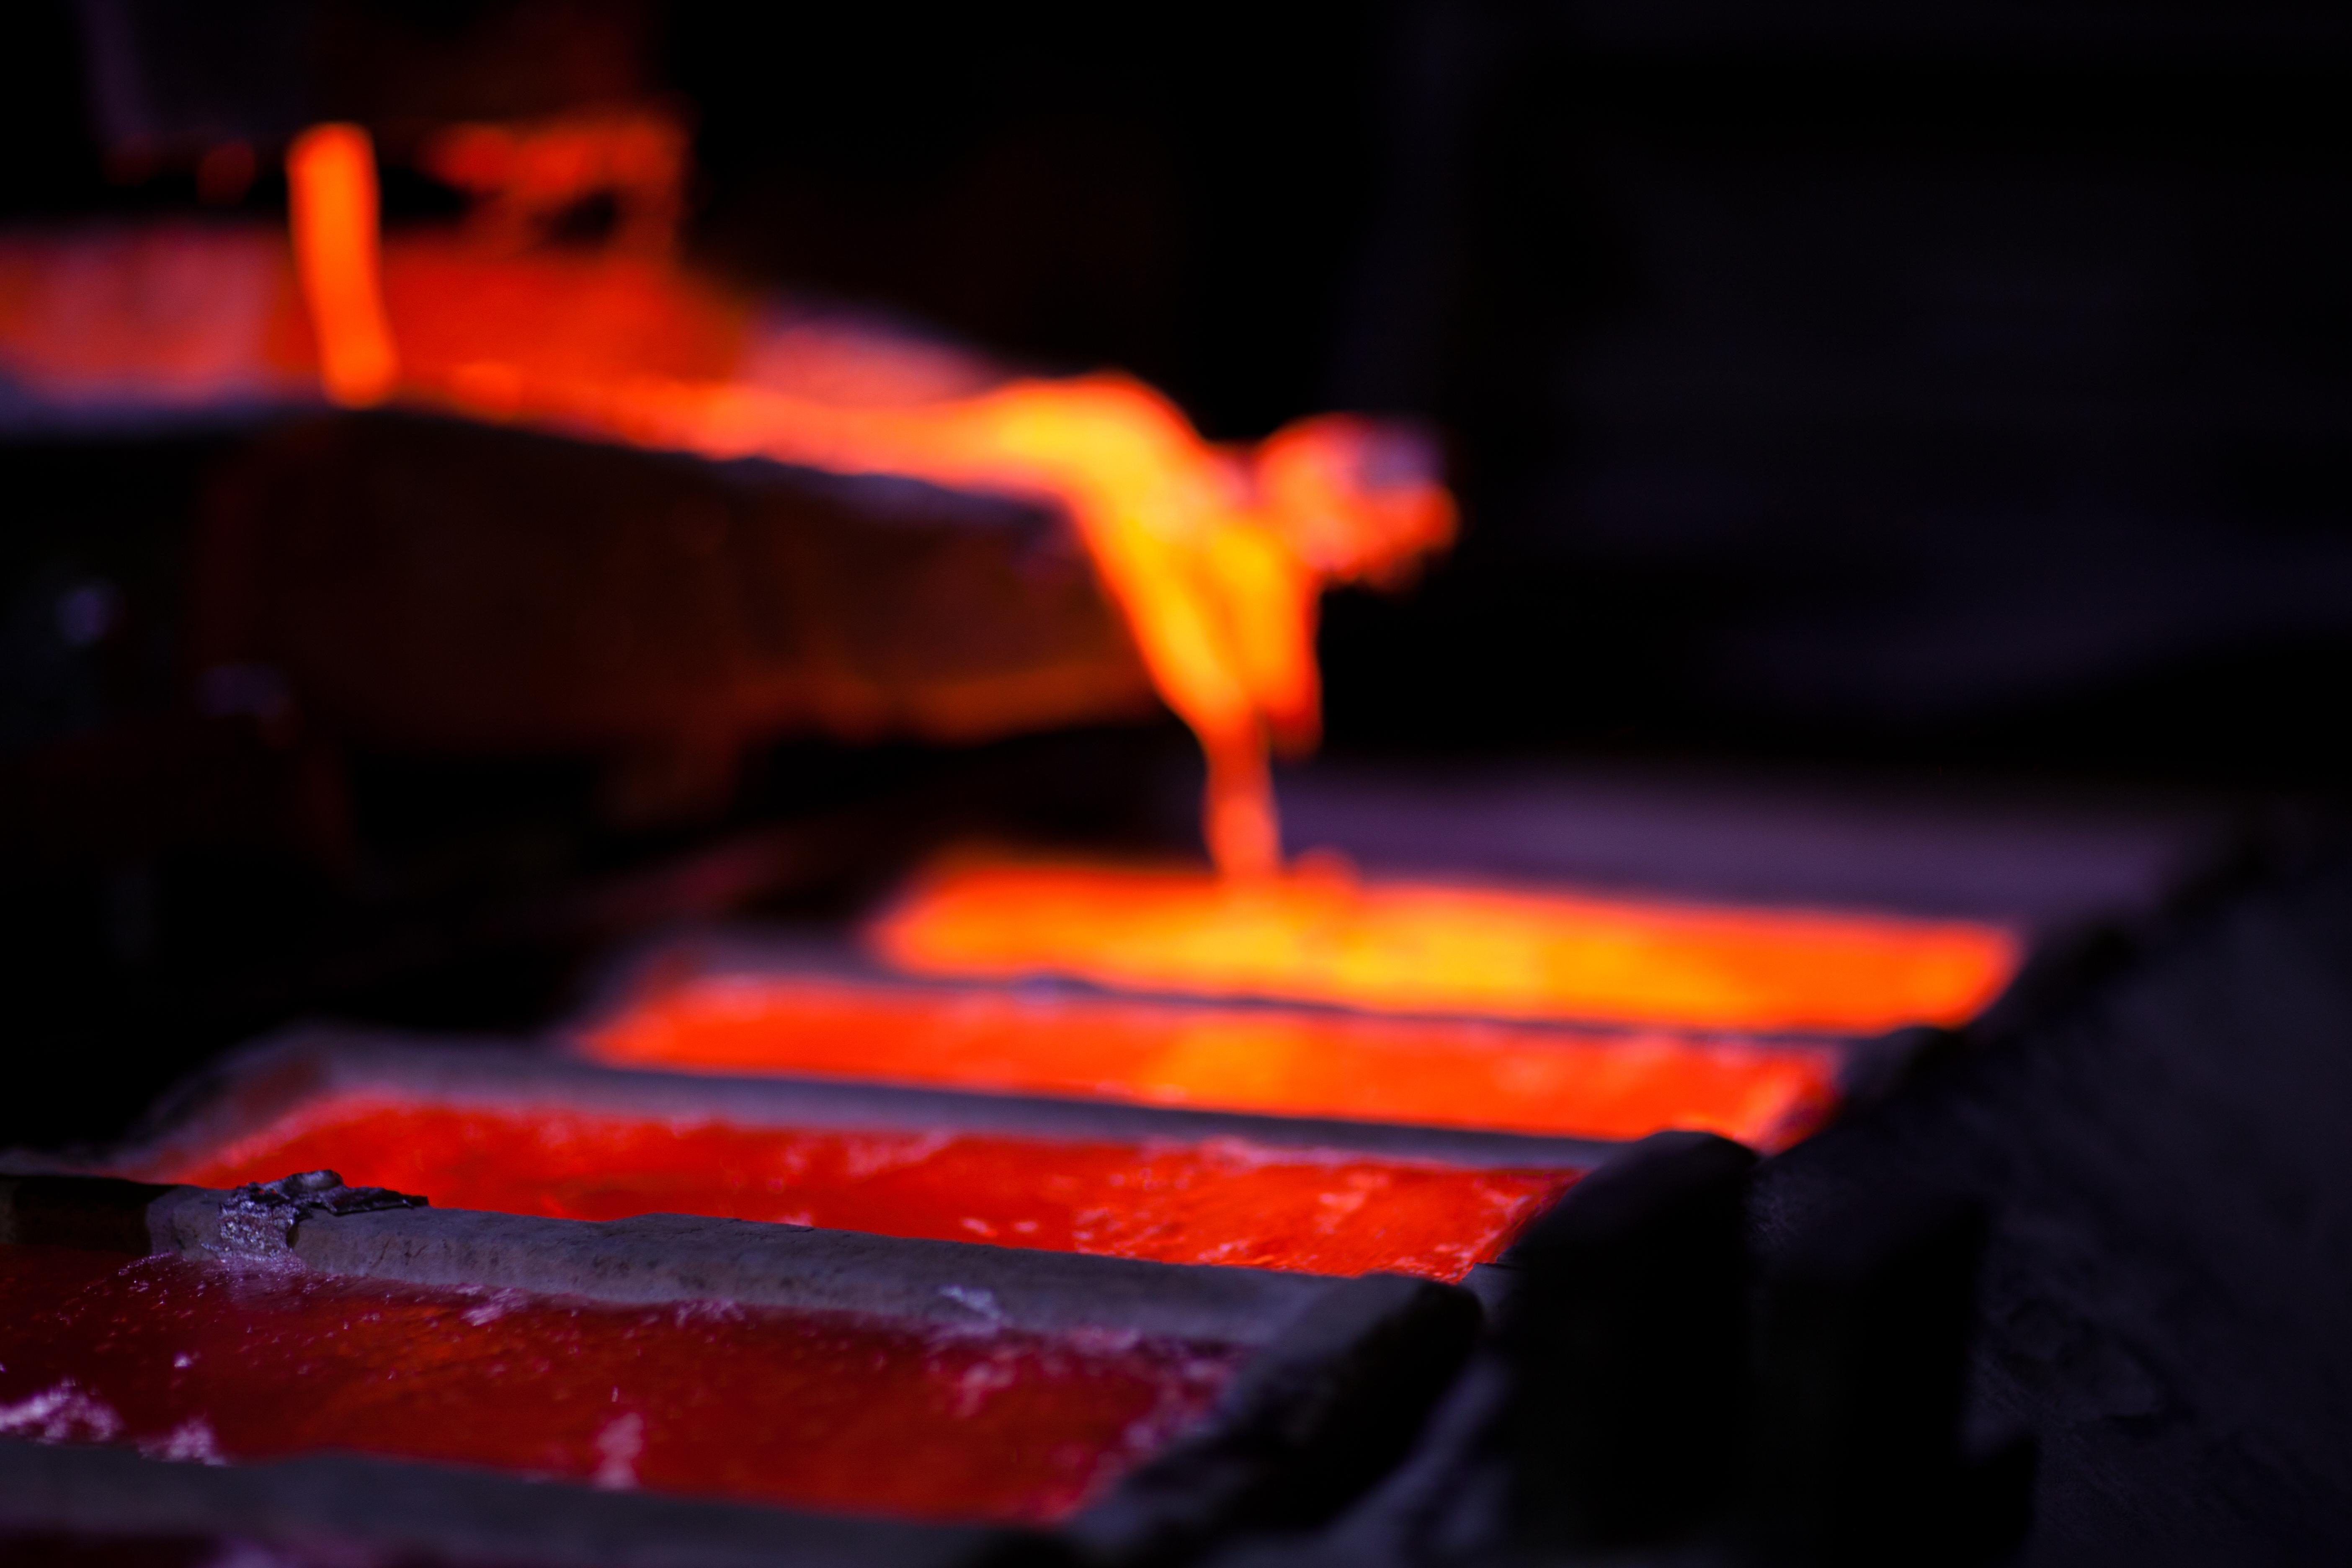 En quoi le matériau utilisé pour fabriquer les outils anti-déflagrants peut-il faire économiquement la différence ?